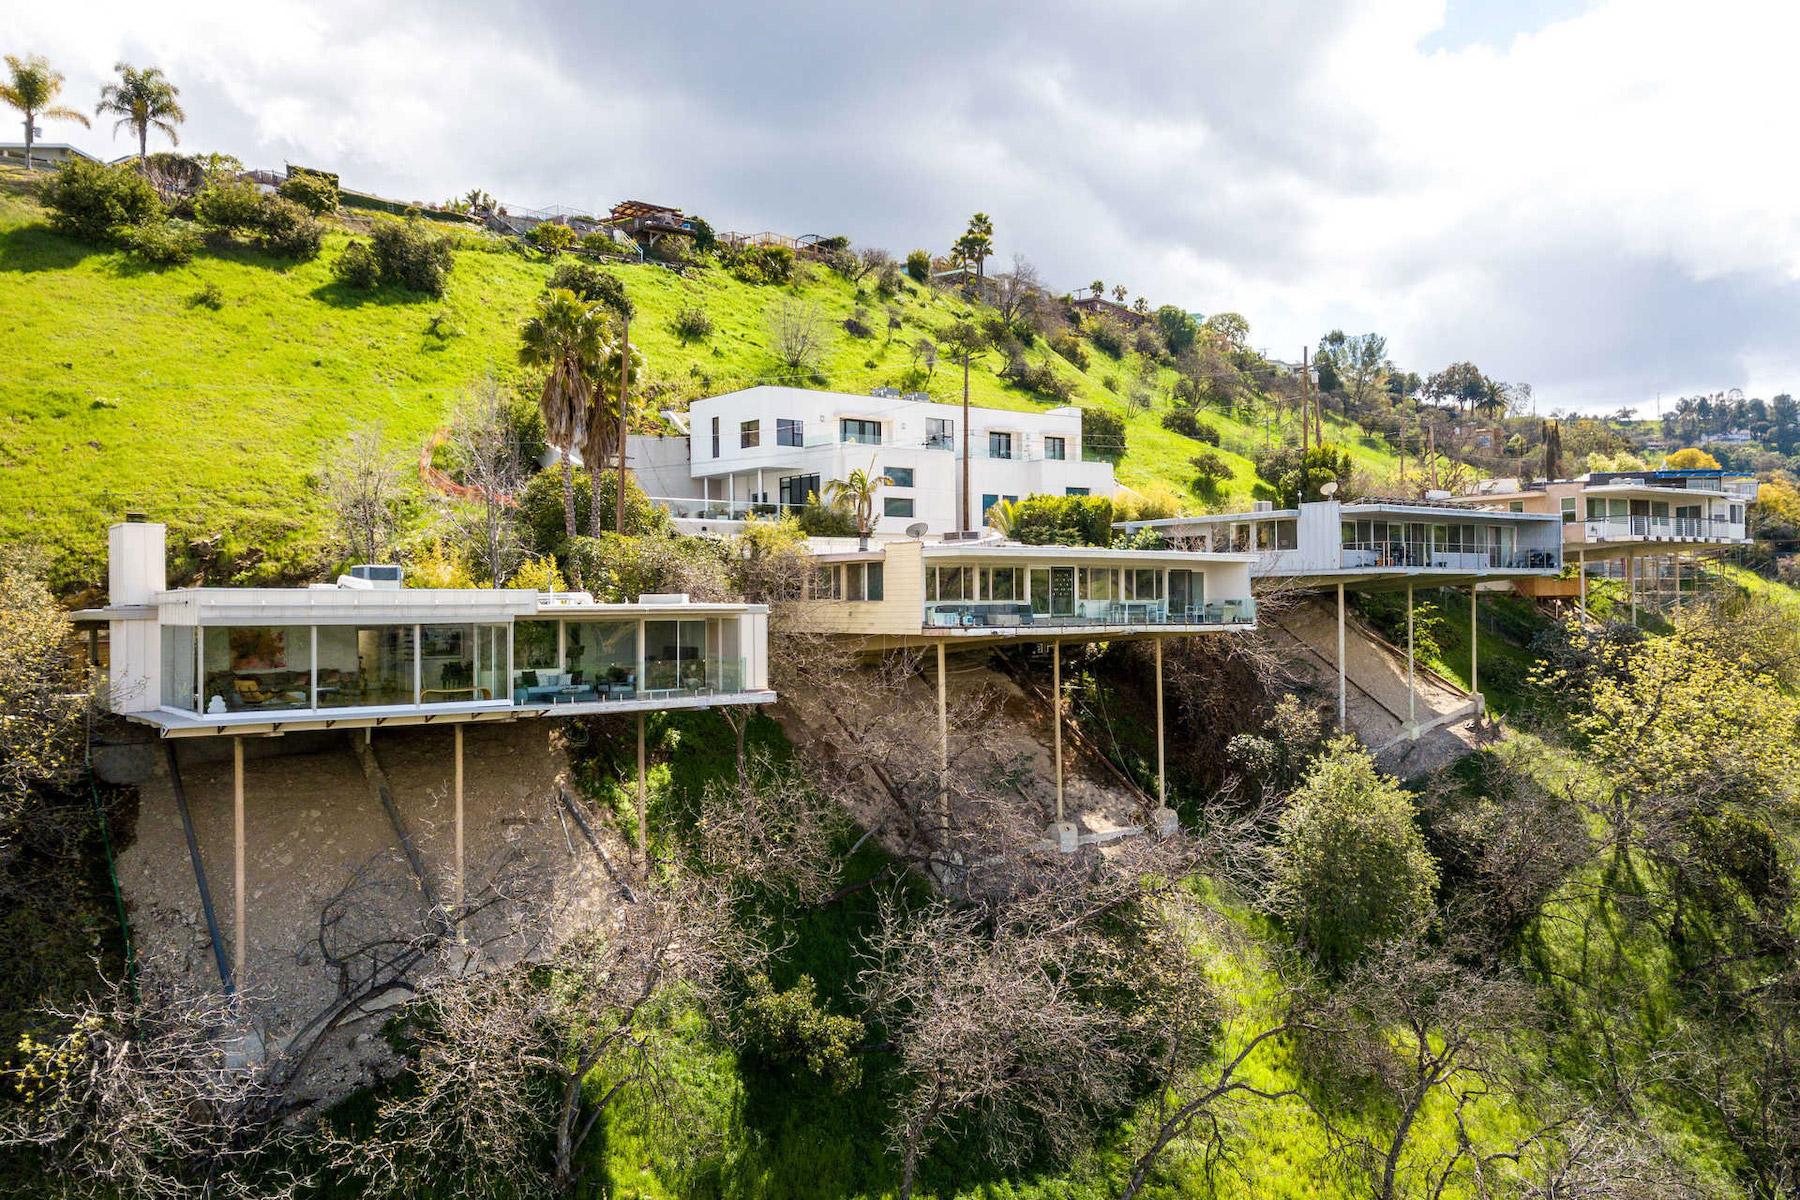 Das aussergewöhnliche Stilt House von Richard Neutra in Kalifornien 9